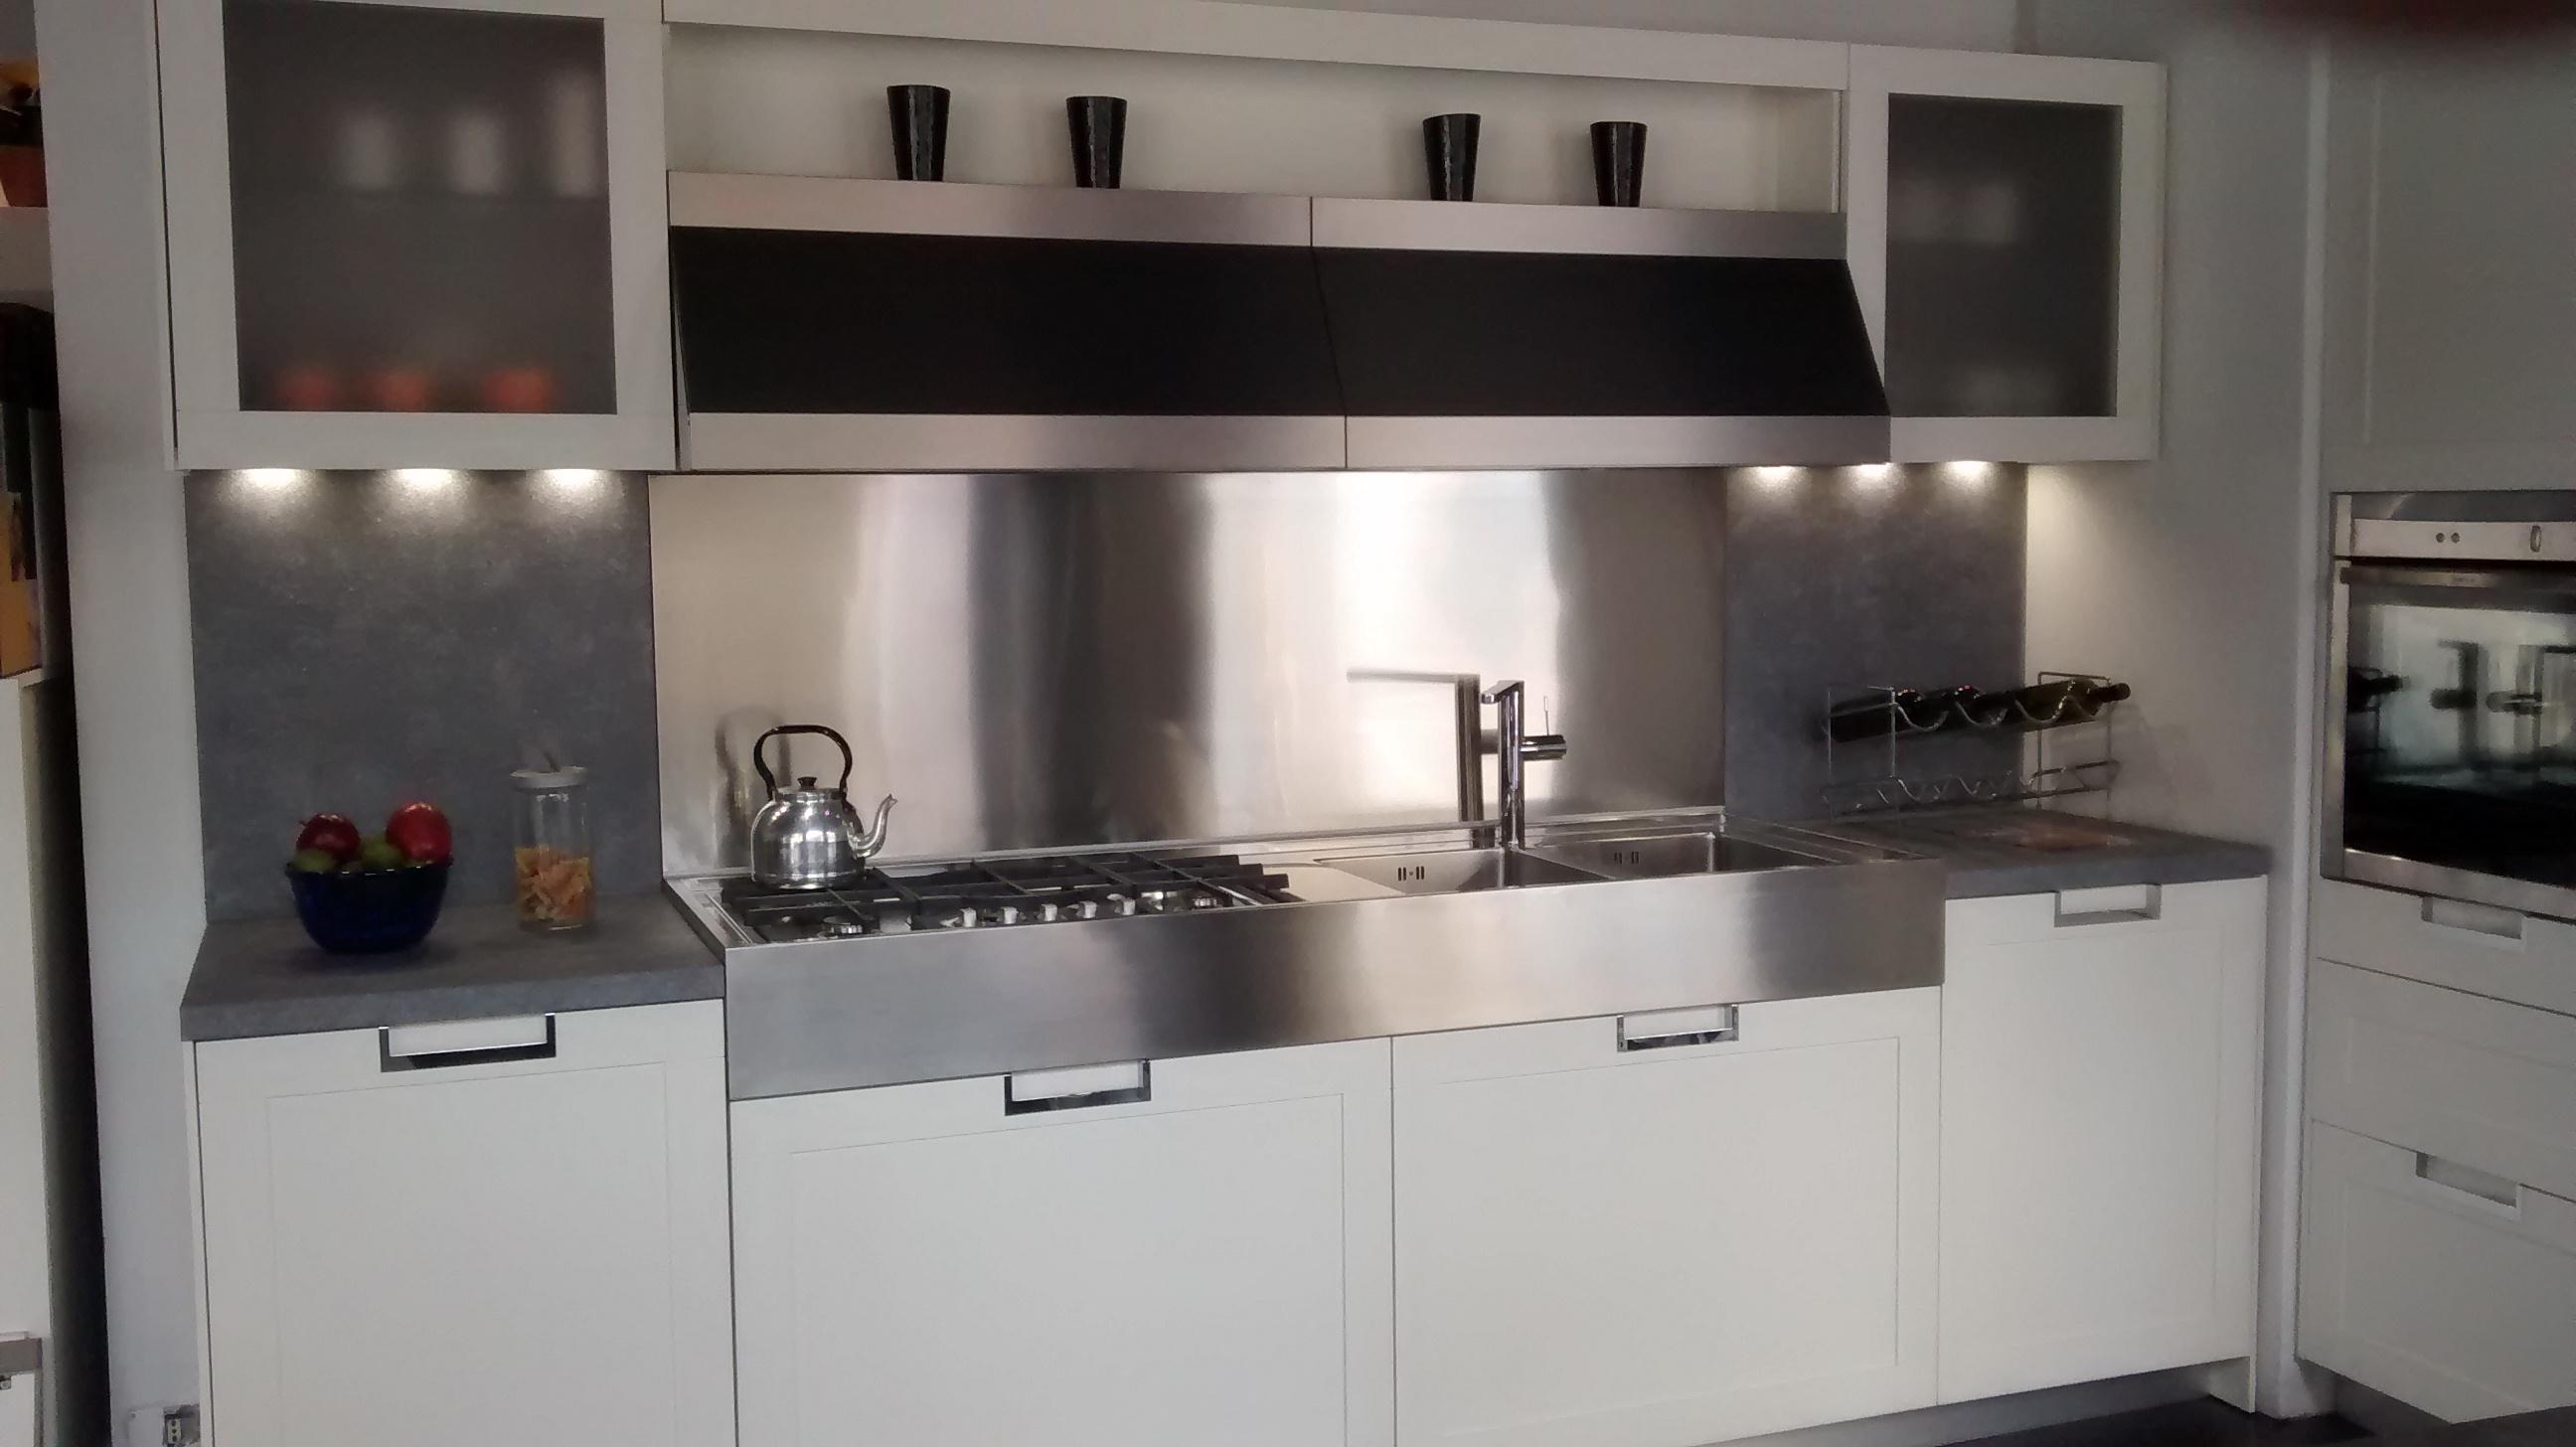 Awesome modelli cucine snaidero photos ideas design - Prezzo cucina snaidero ...